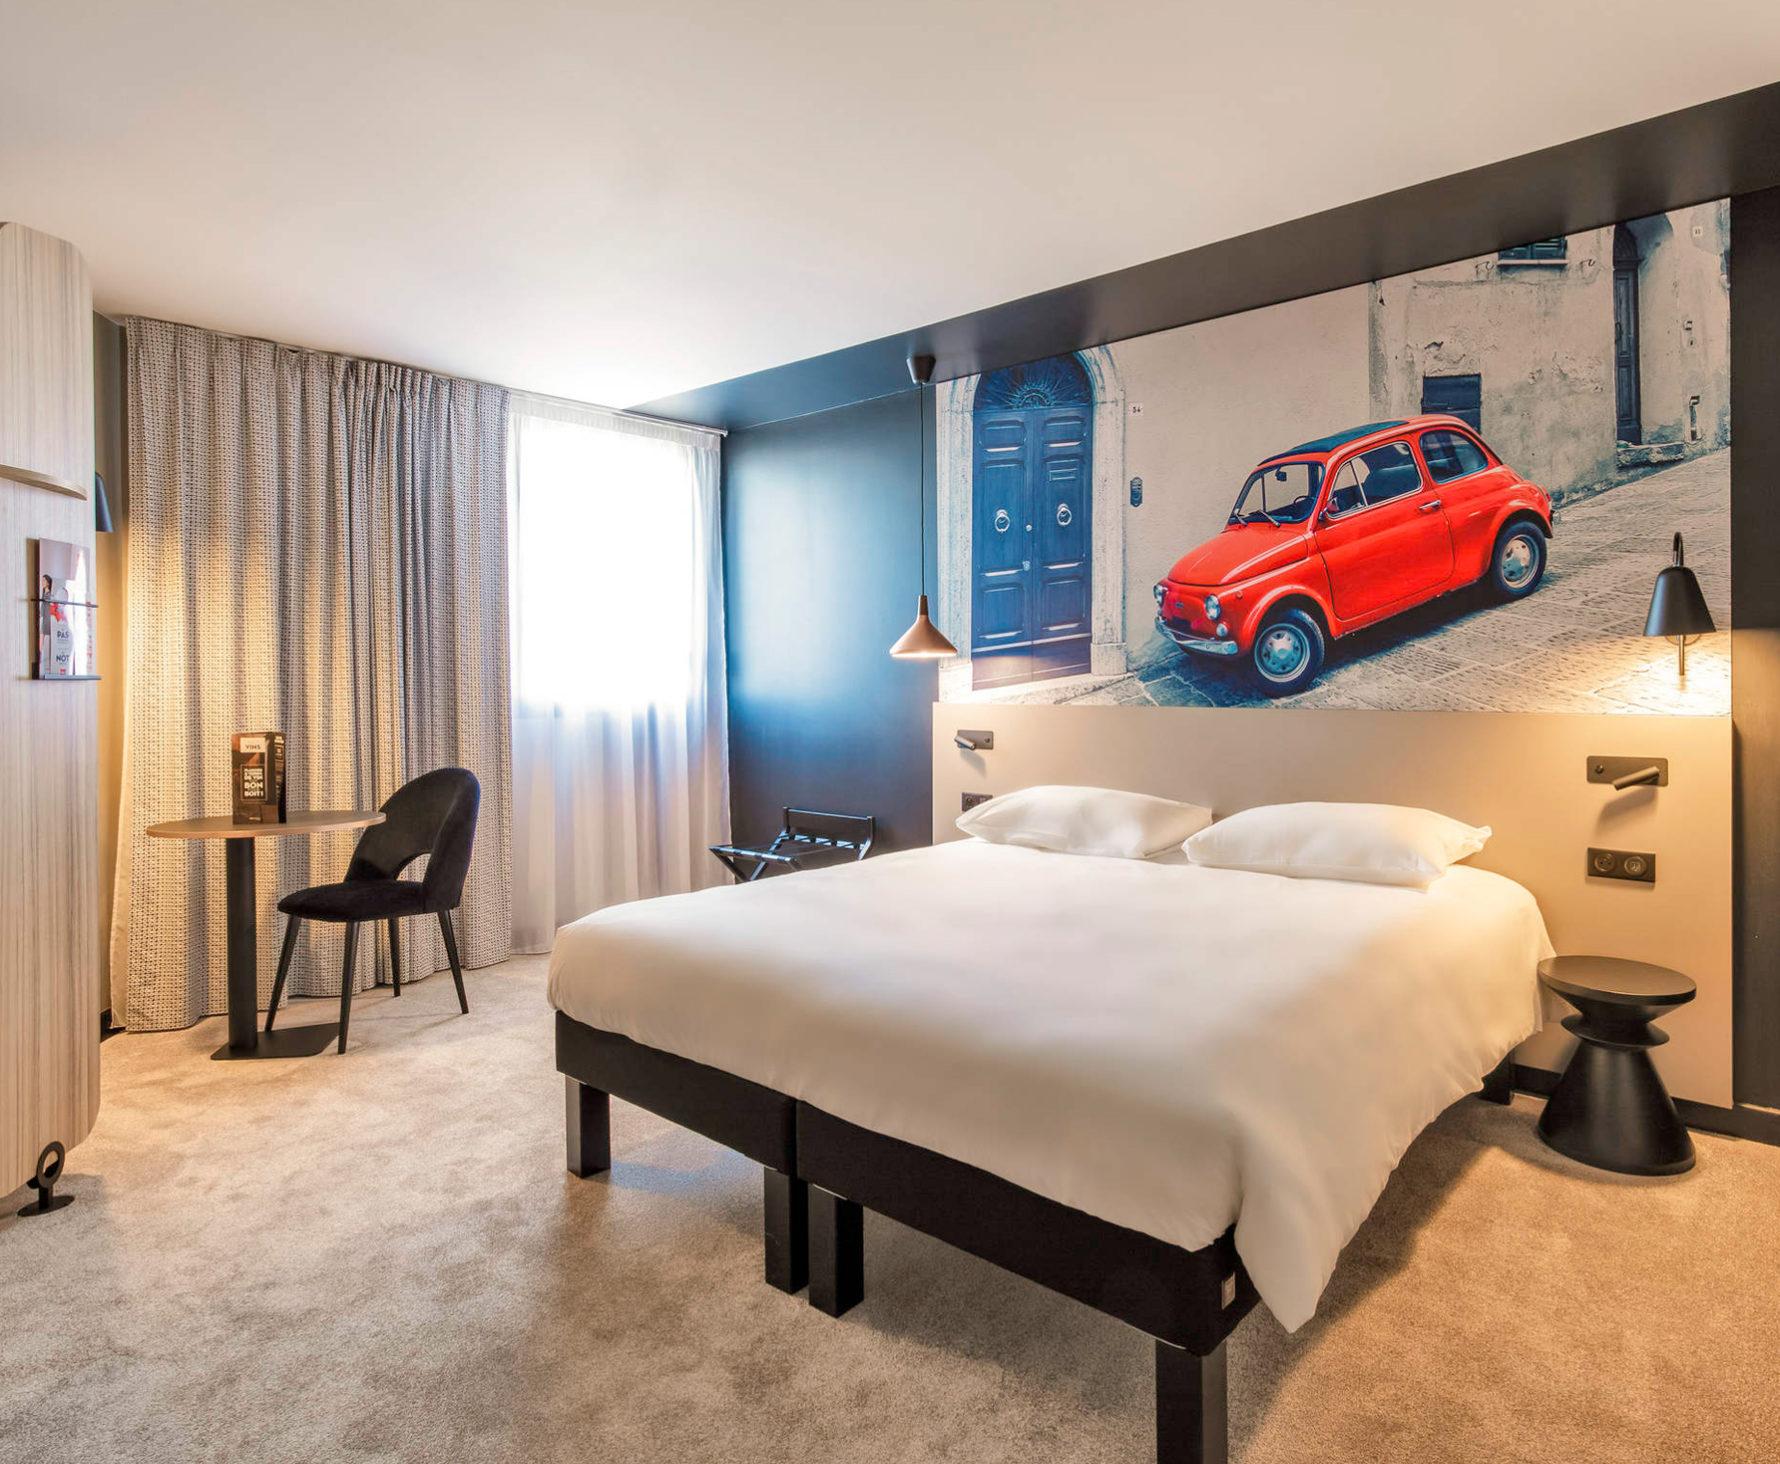 Projet de décoration des chambres de l'hôtel Ibis du mans centre gare nord